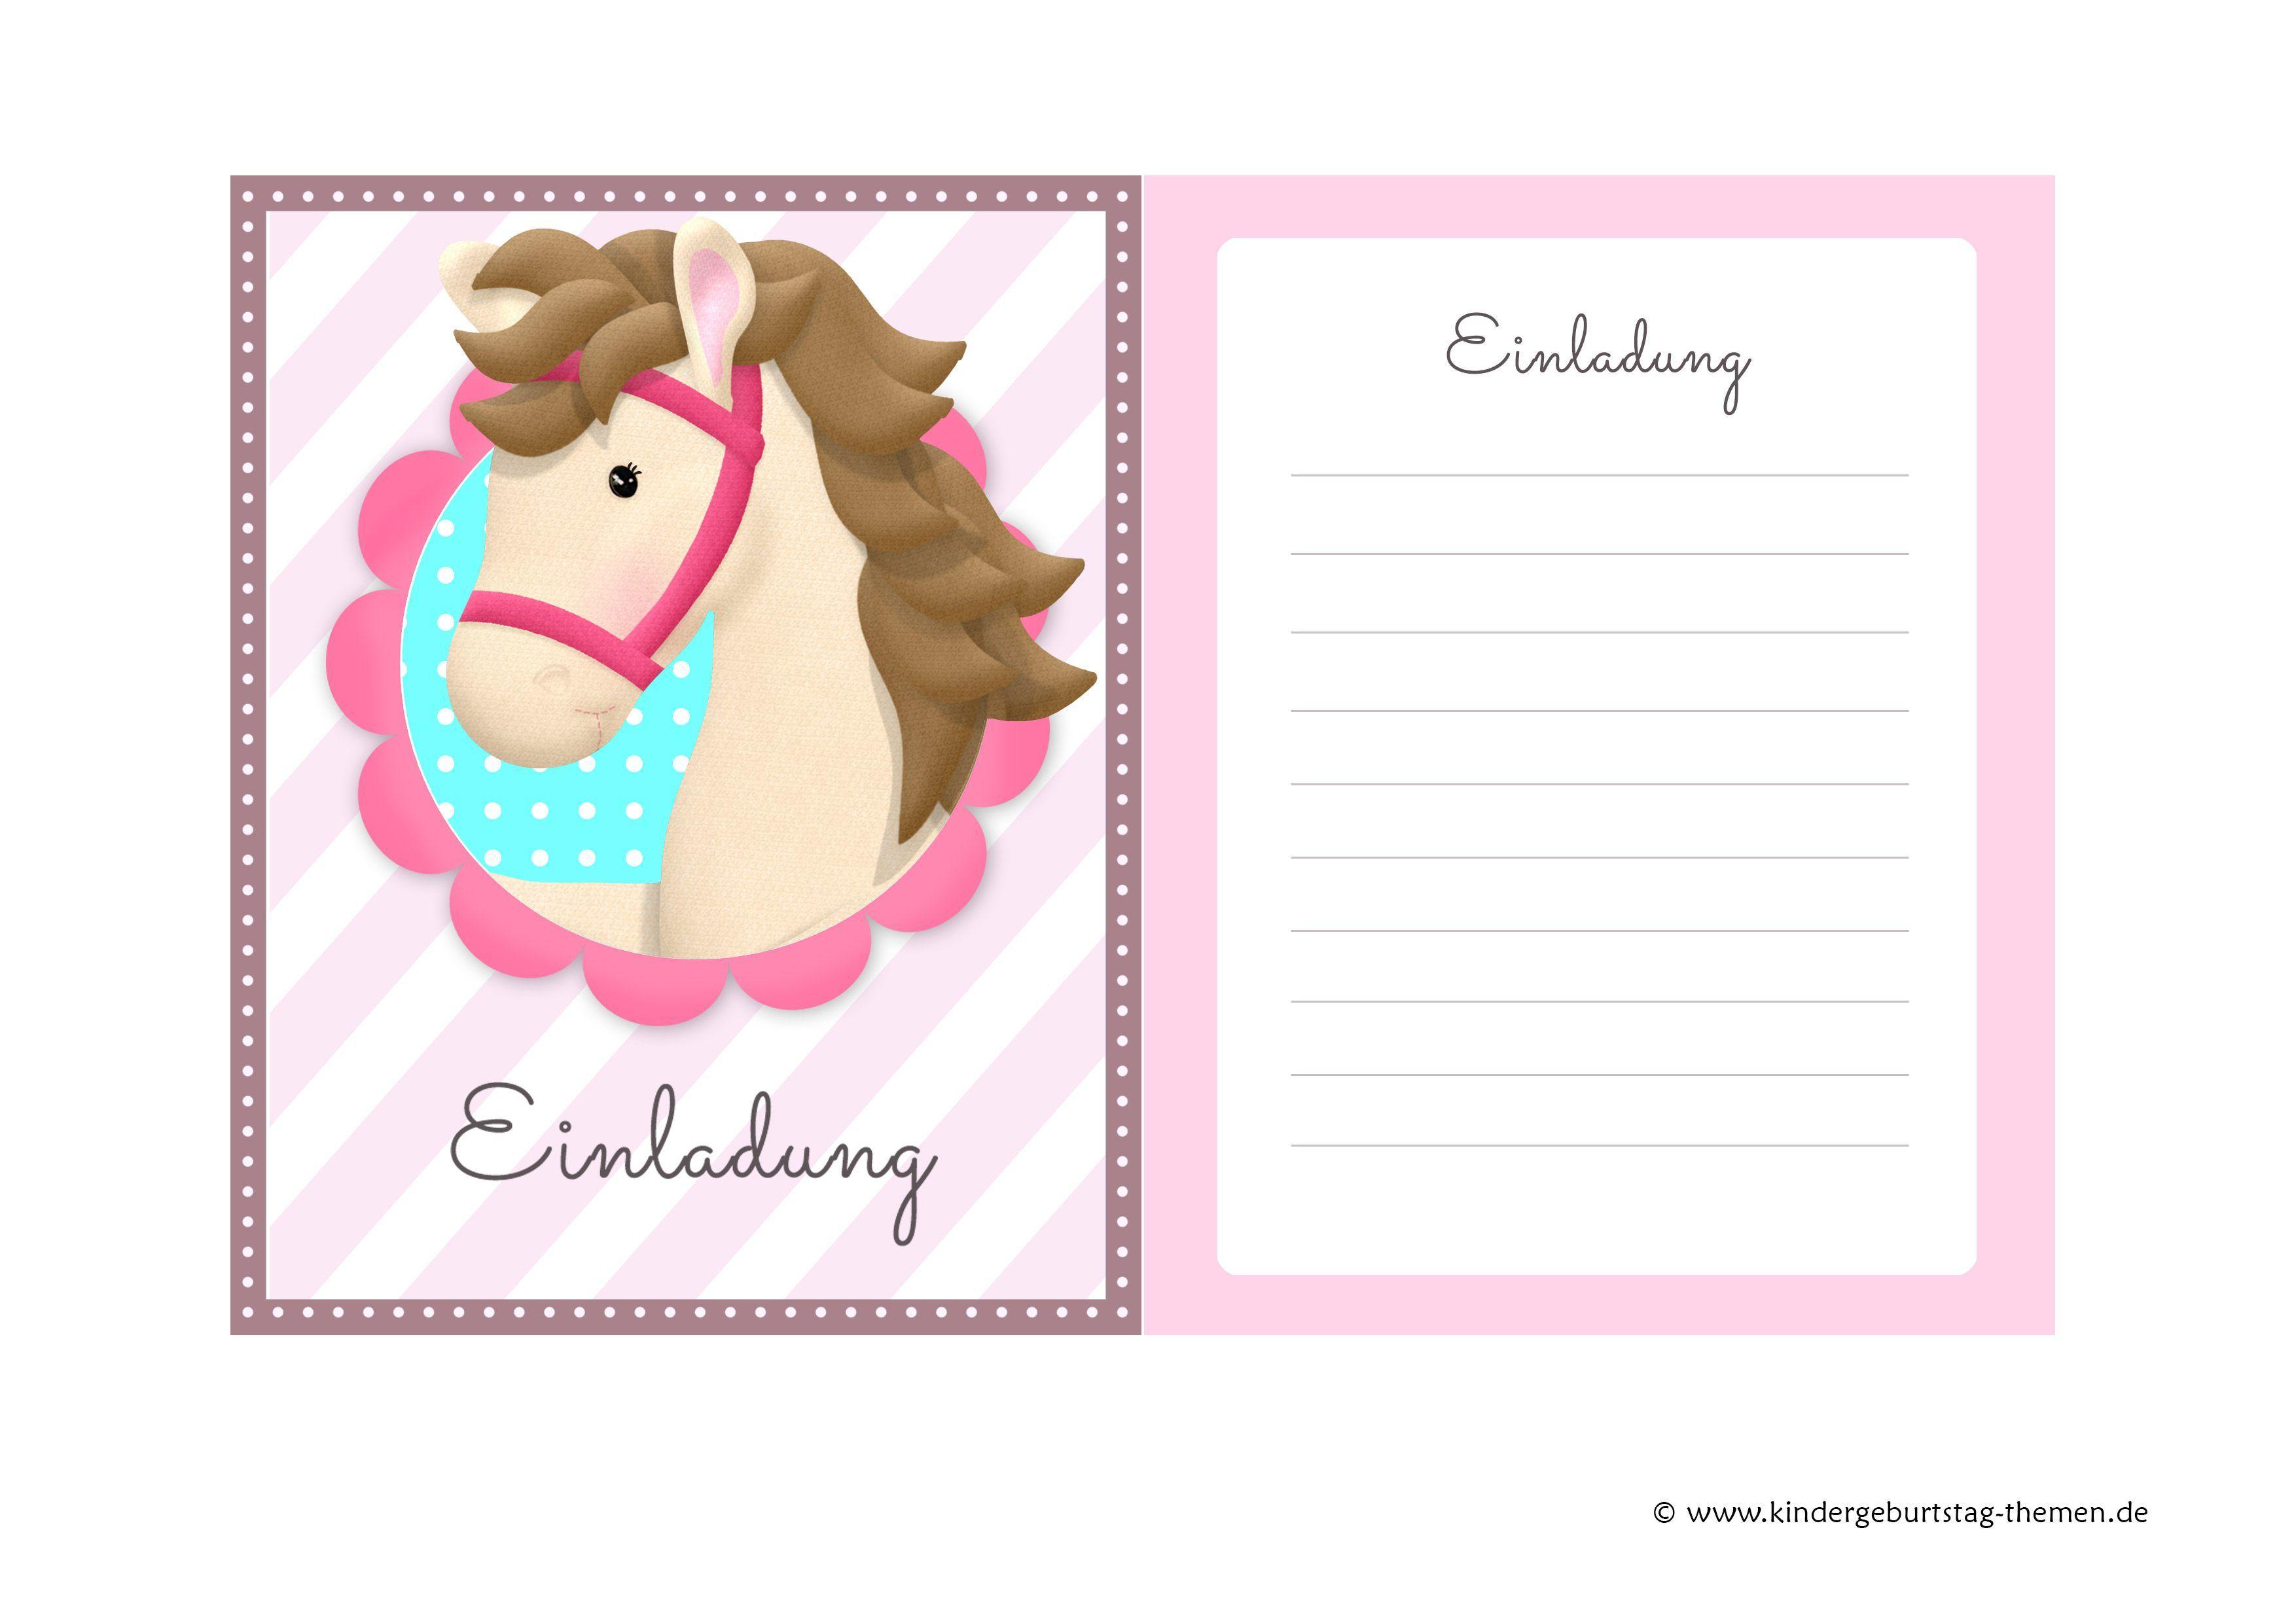 Einladungskarten Kindergeburtstag Kostenlos : Einladungskarten  Kindergeburtstag Kostenlos Pferde   Einladungskarten Online   Einladungskarten  Online